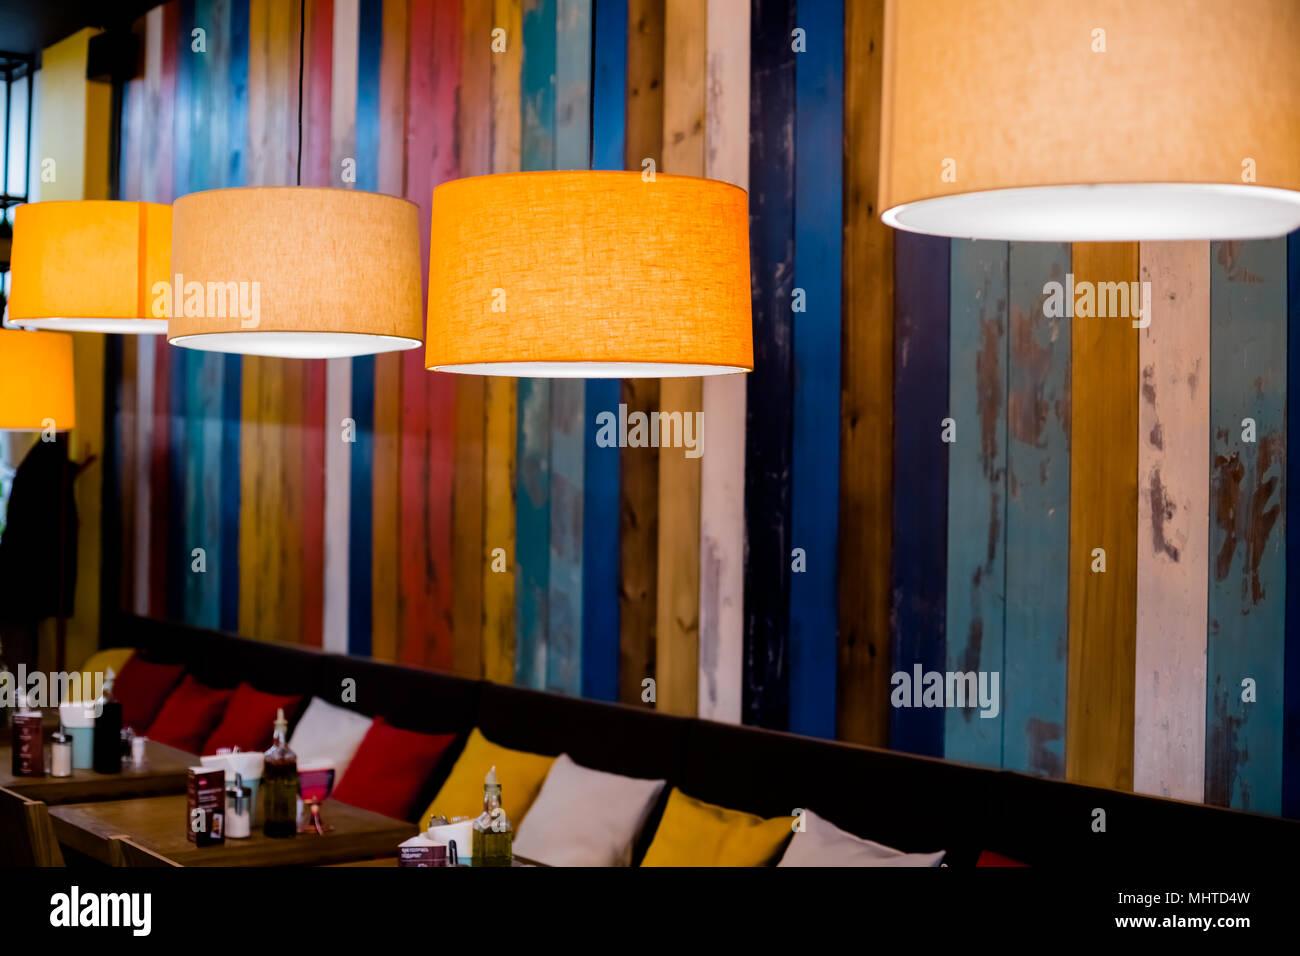 Lampada nel ristorante arancione luce calda vintage illuminazione